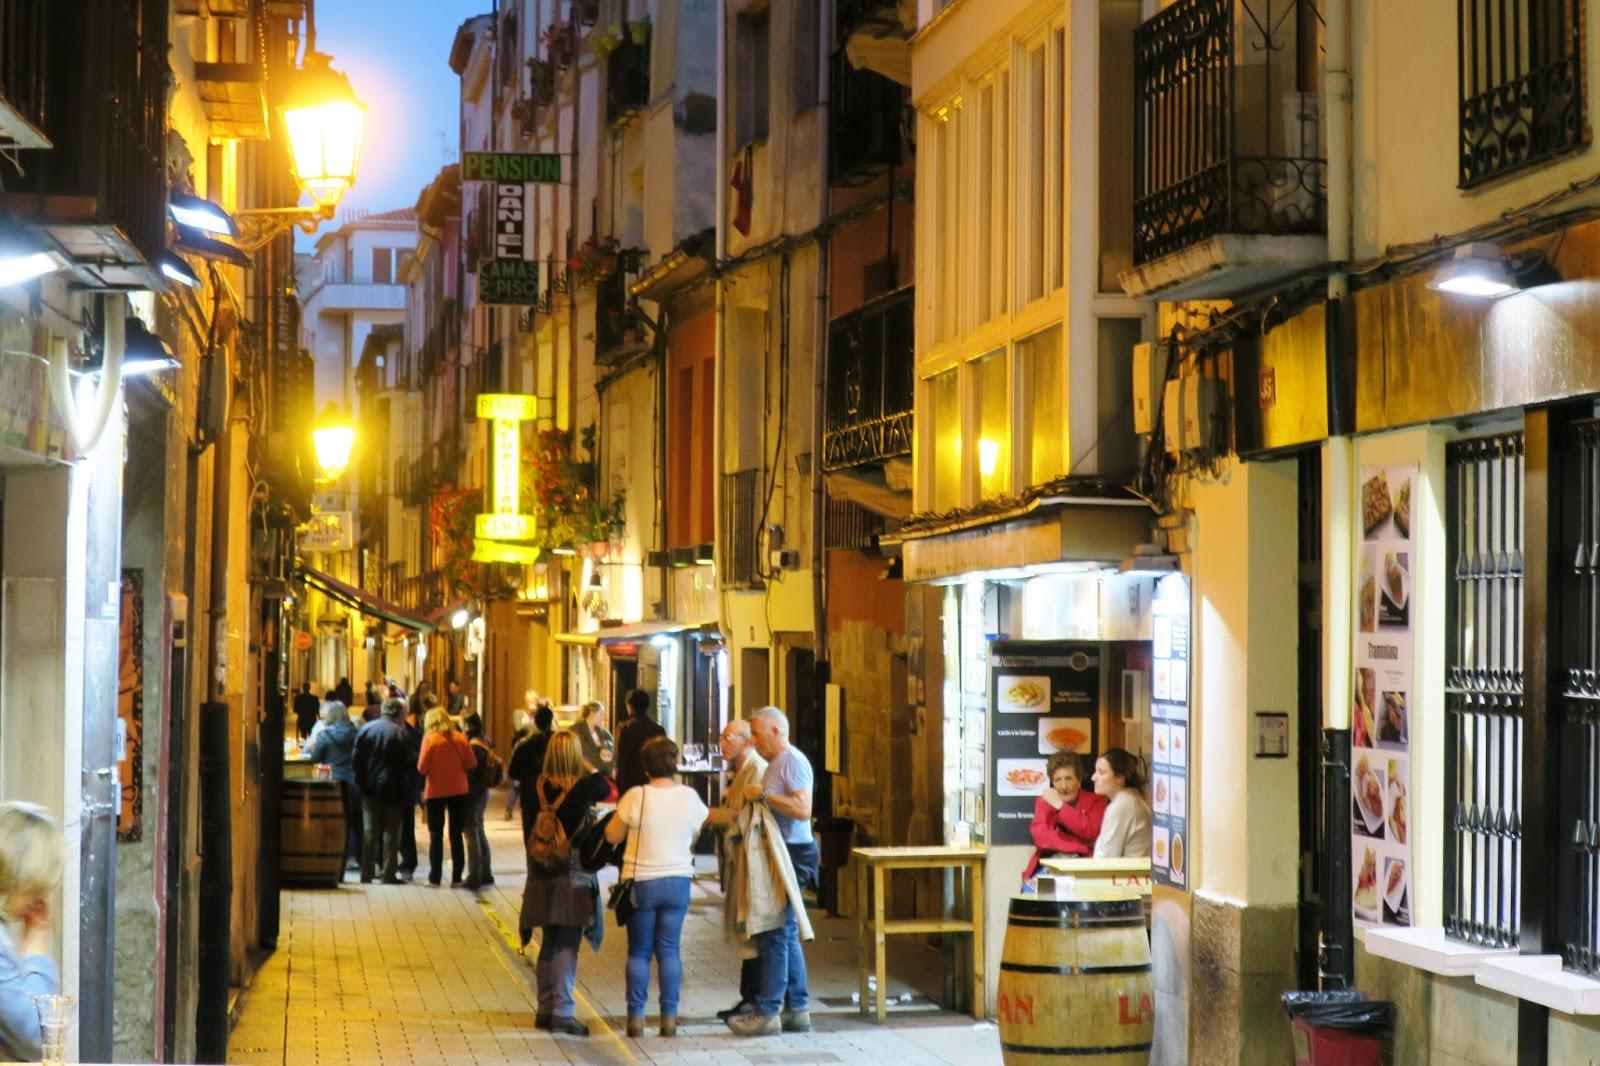 Calle San Juan - Lugar de interés - La Rioja Turismo